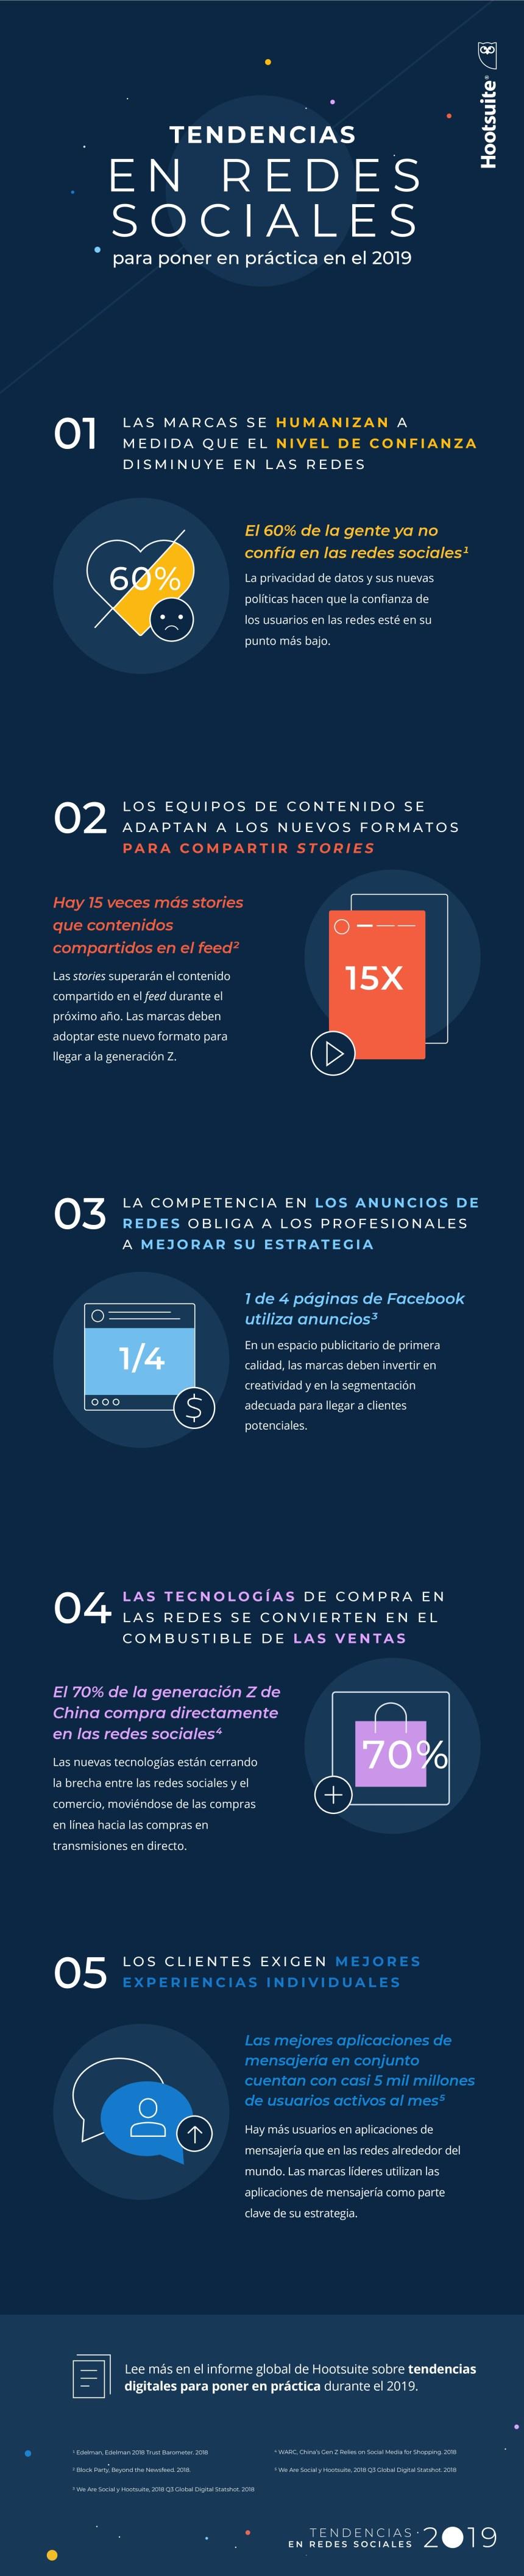 Tendencias en Redes Sociales 2019 #infografia #infographic #socialmedia